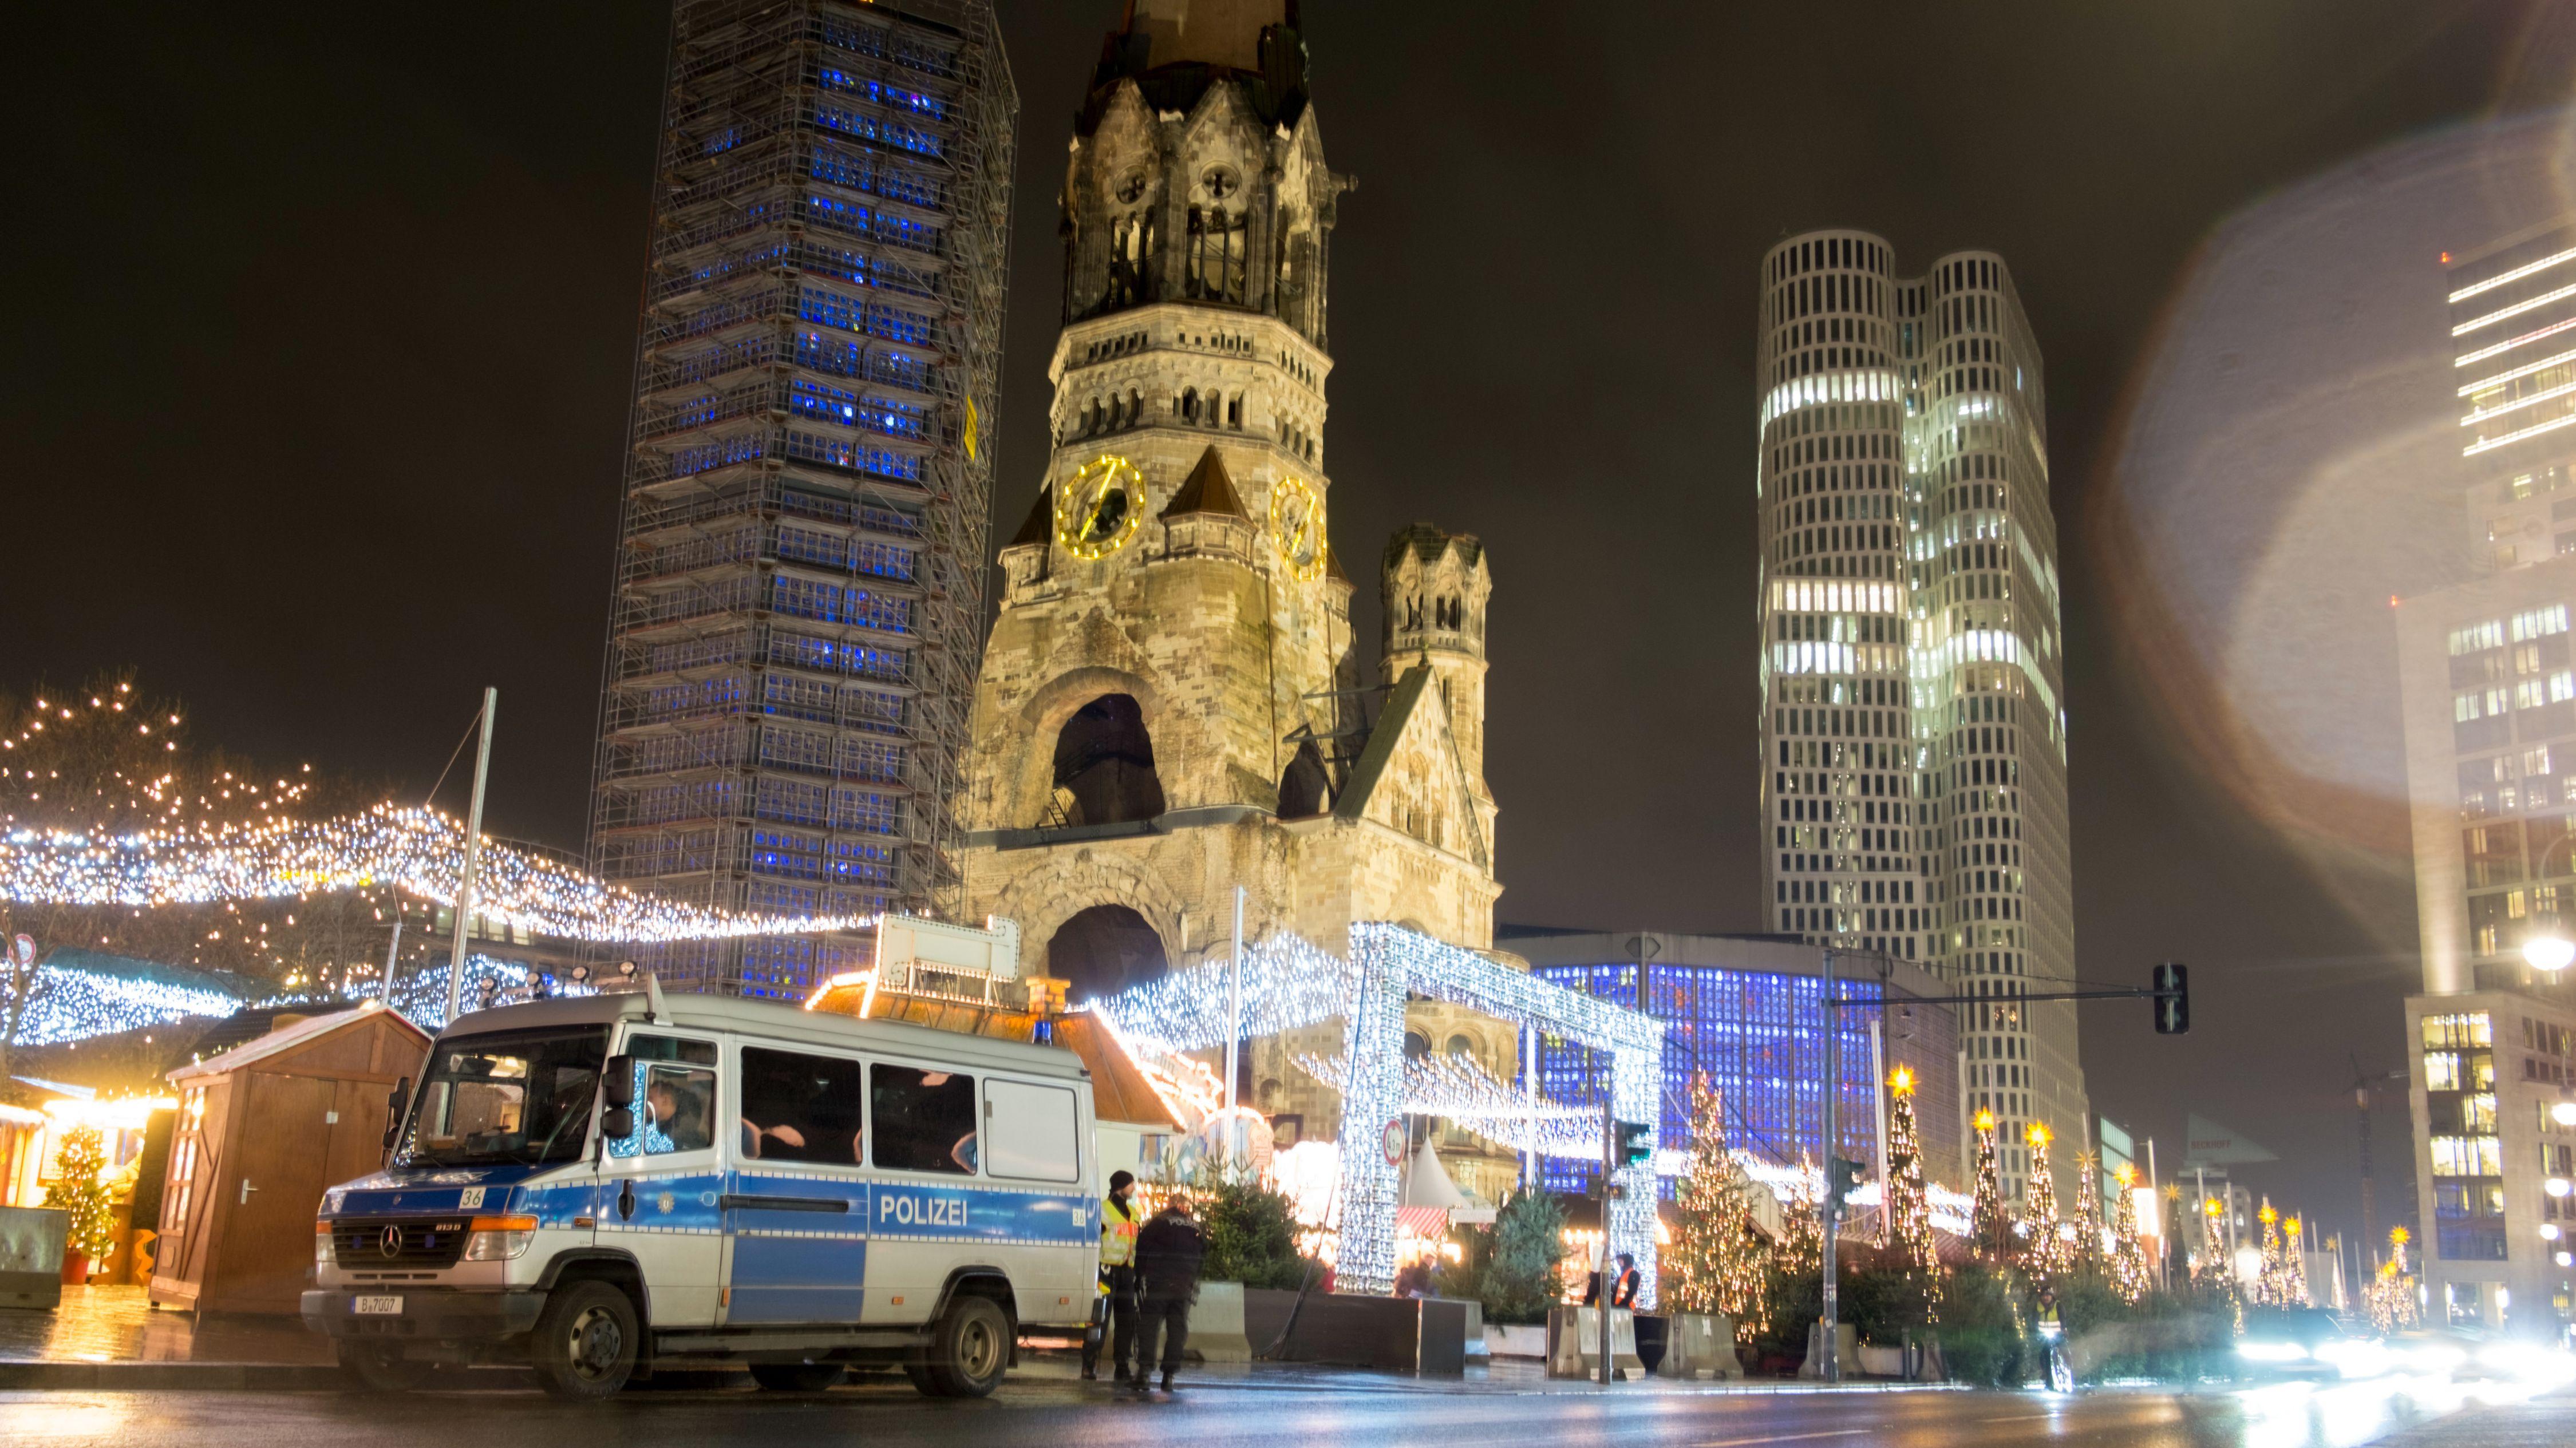 Polizeiauto an einem Eingang zum Weihnachtsmarkt am Breitscheidplatz in Berlin